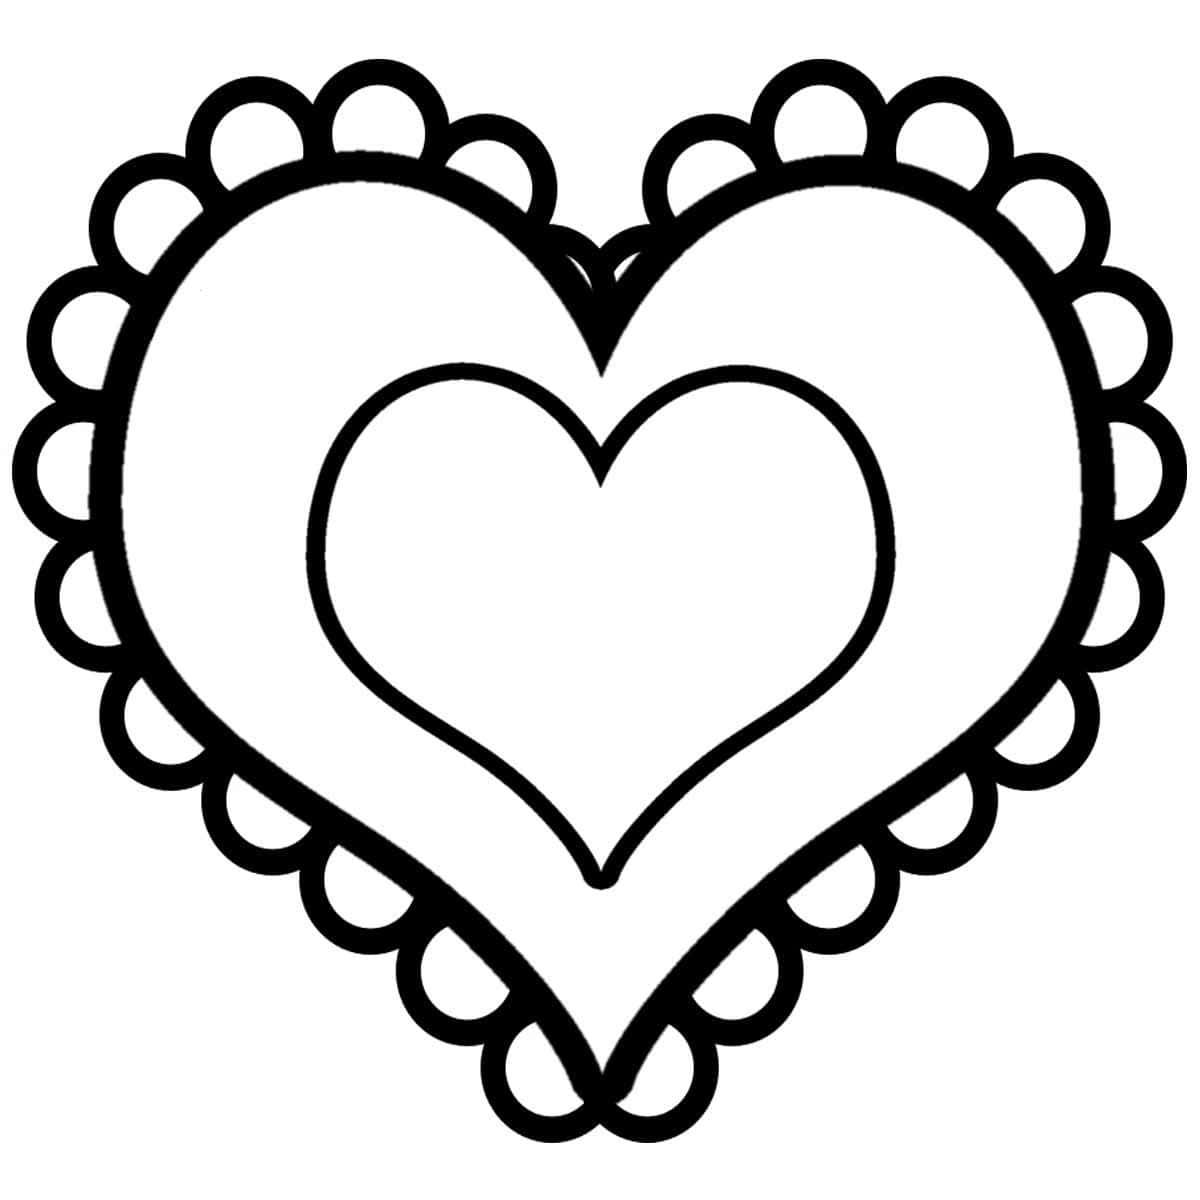 Все Сердце ,раскраска на тему любовь на 14 февраля,